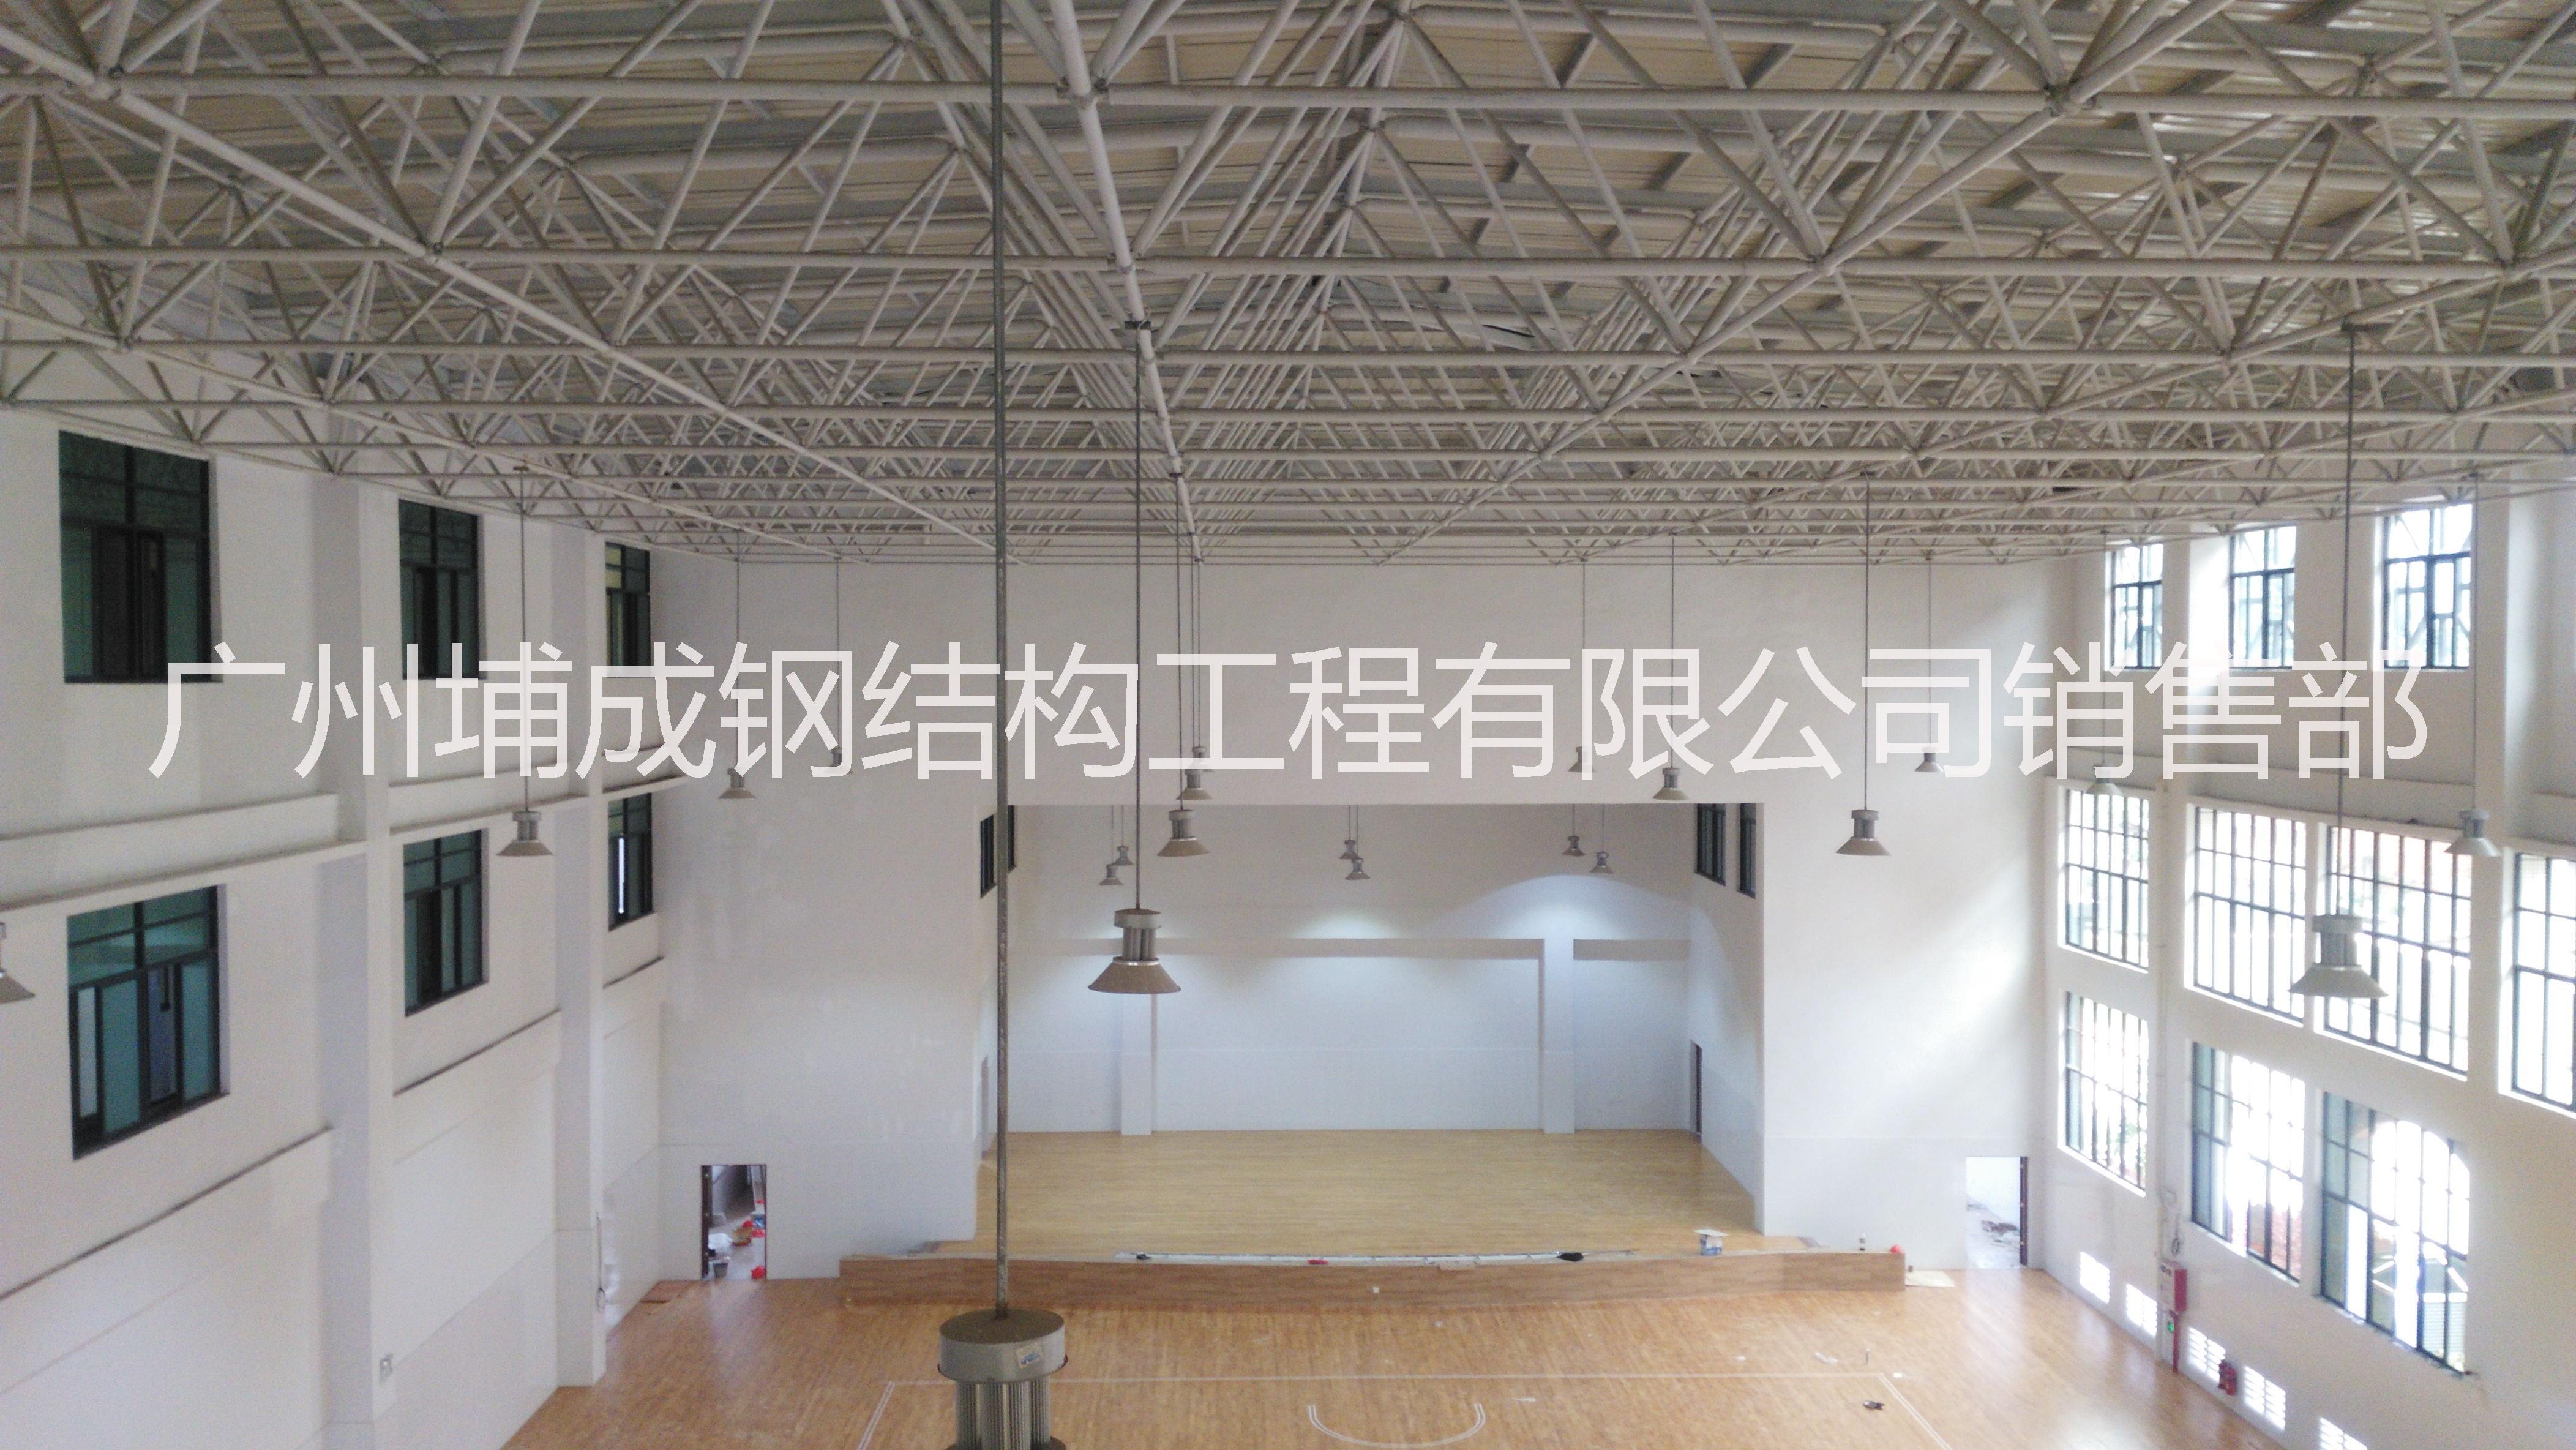 广州空间网架专业供应商_东莞球星网架厂家报价 0广州空间网架专业供应商